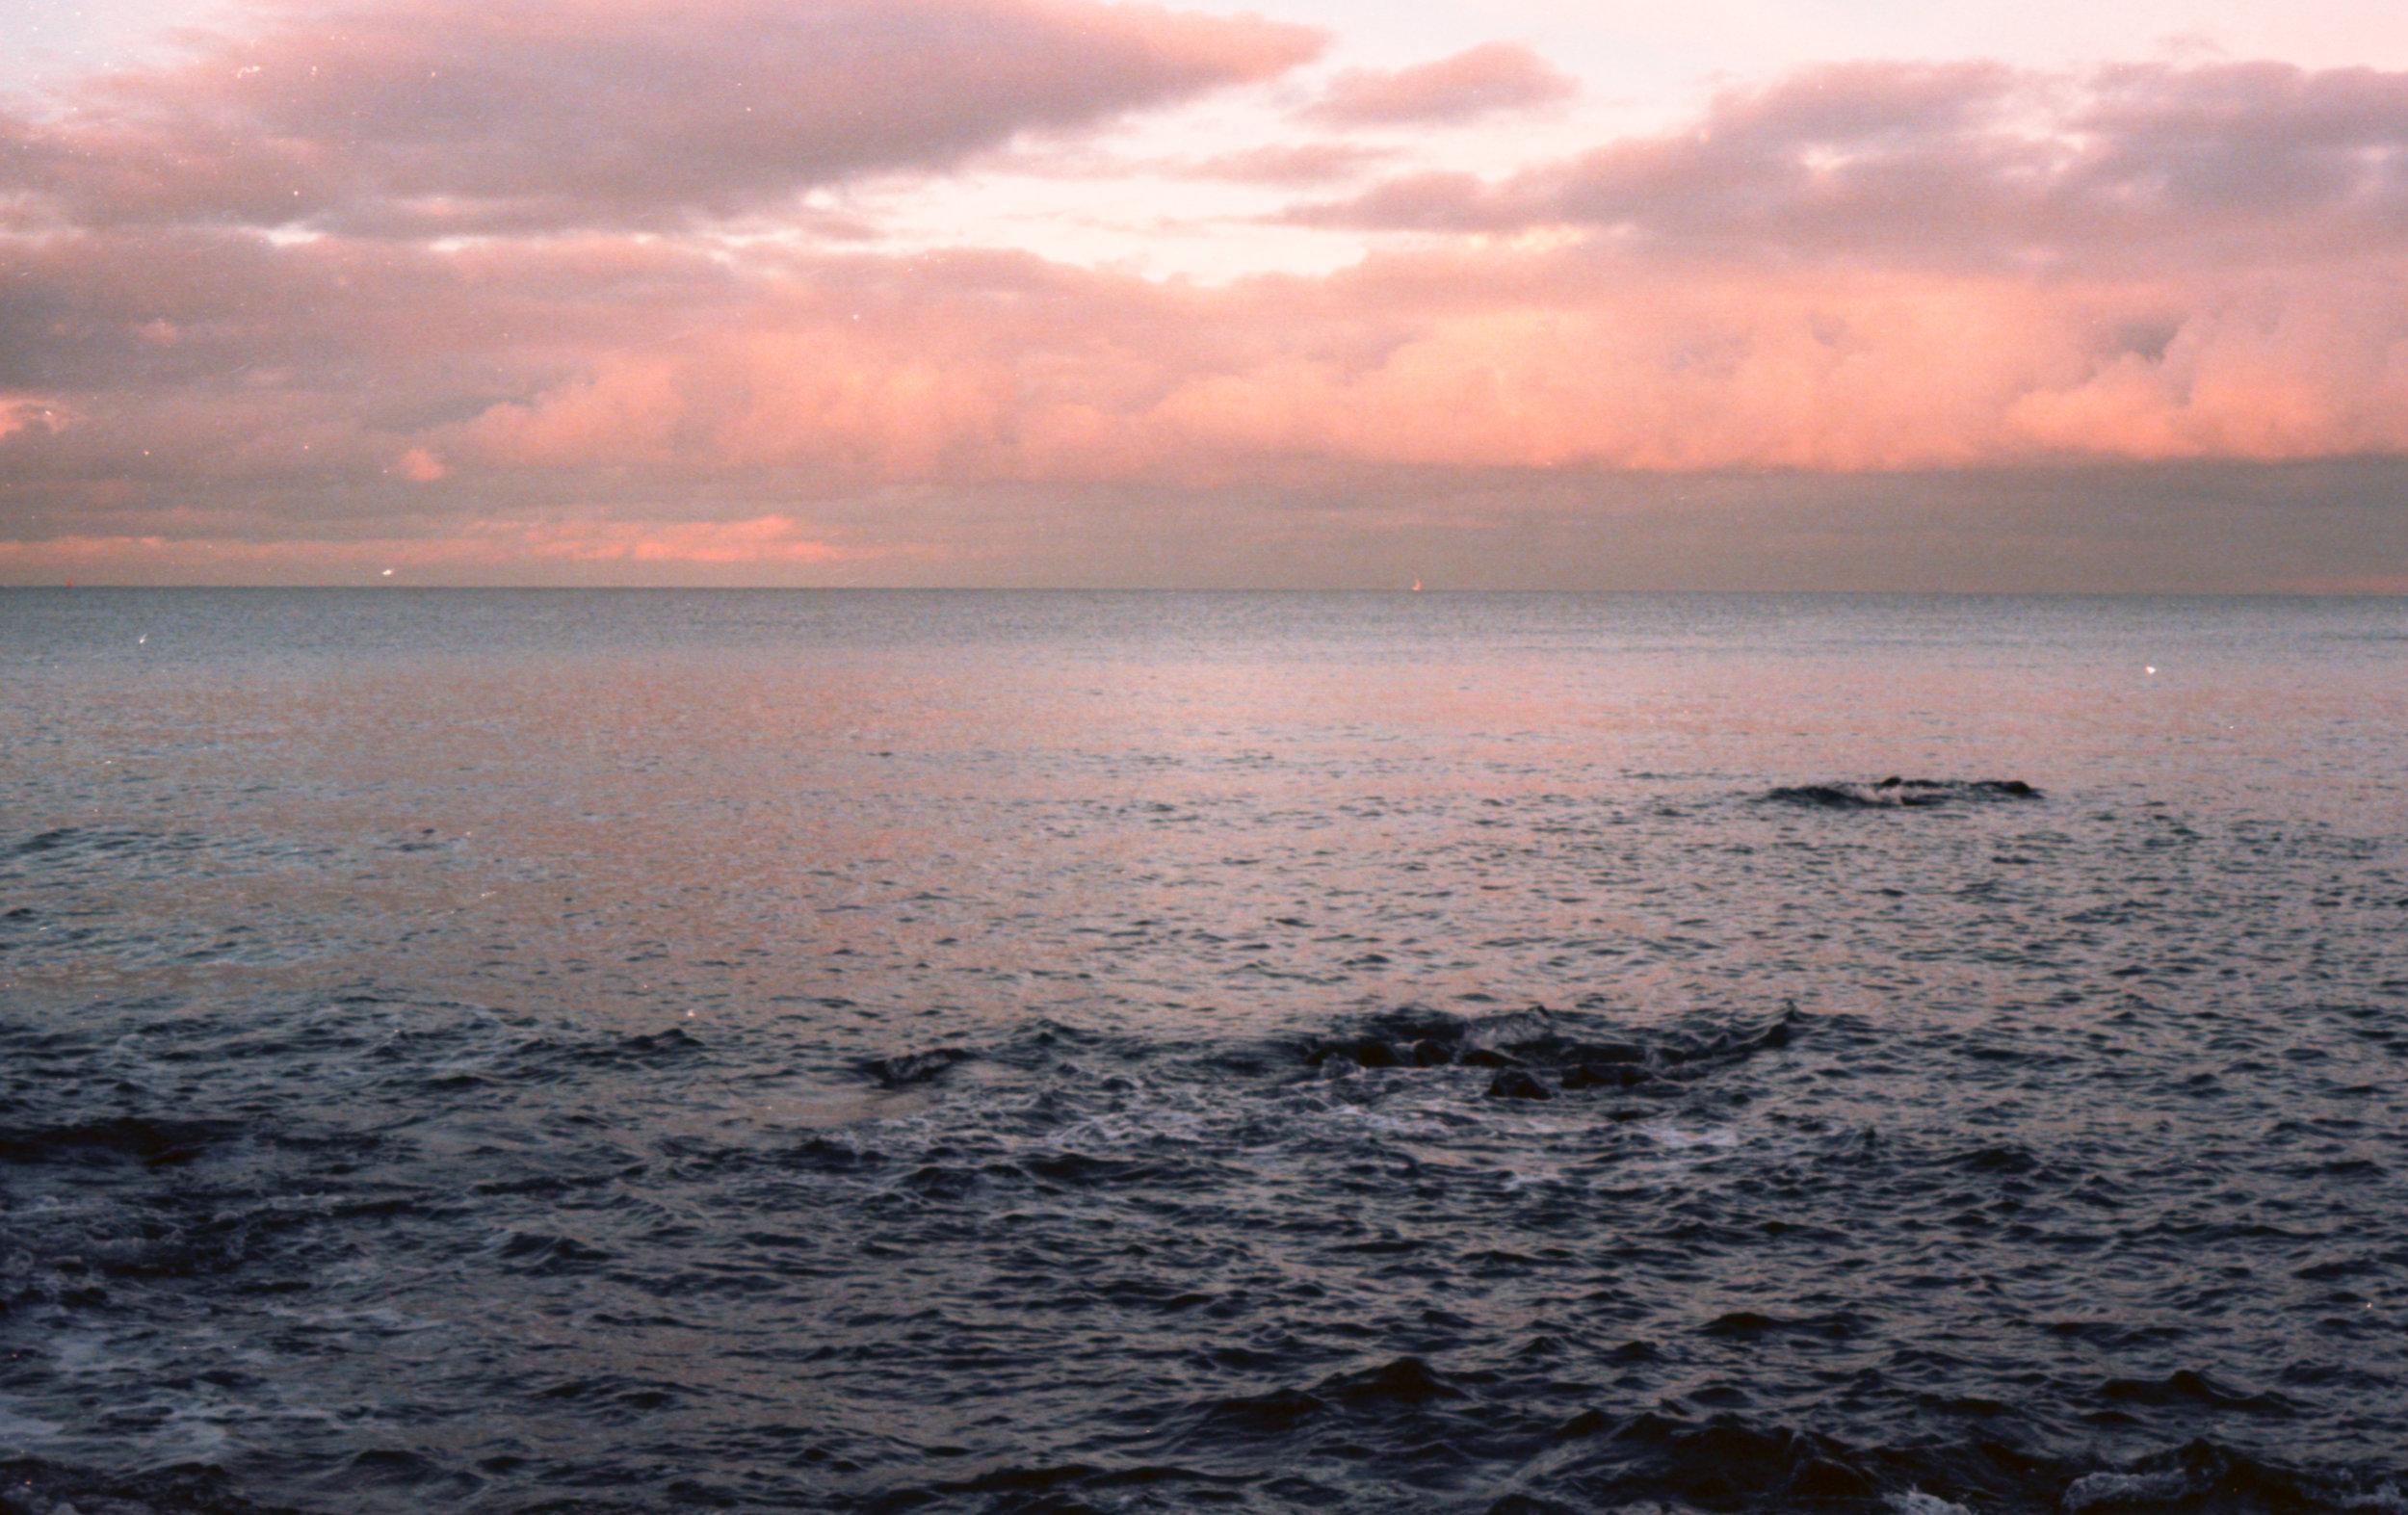 Winter seascape #2 on 35mm